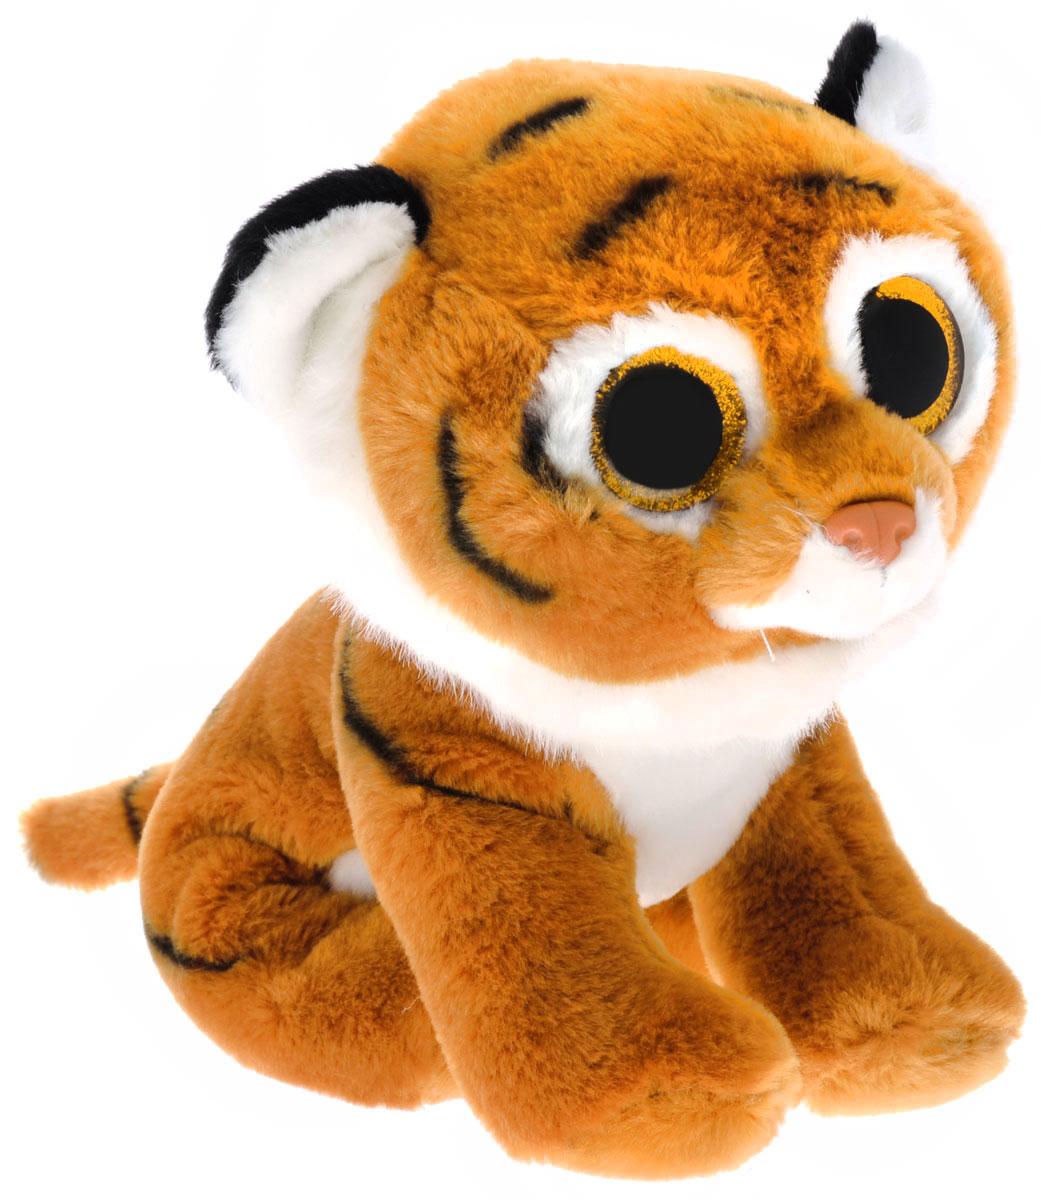 TY Мягкая игрушка Тигренок Tiggs цвет светло-коричневый 20 см шестое июля